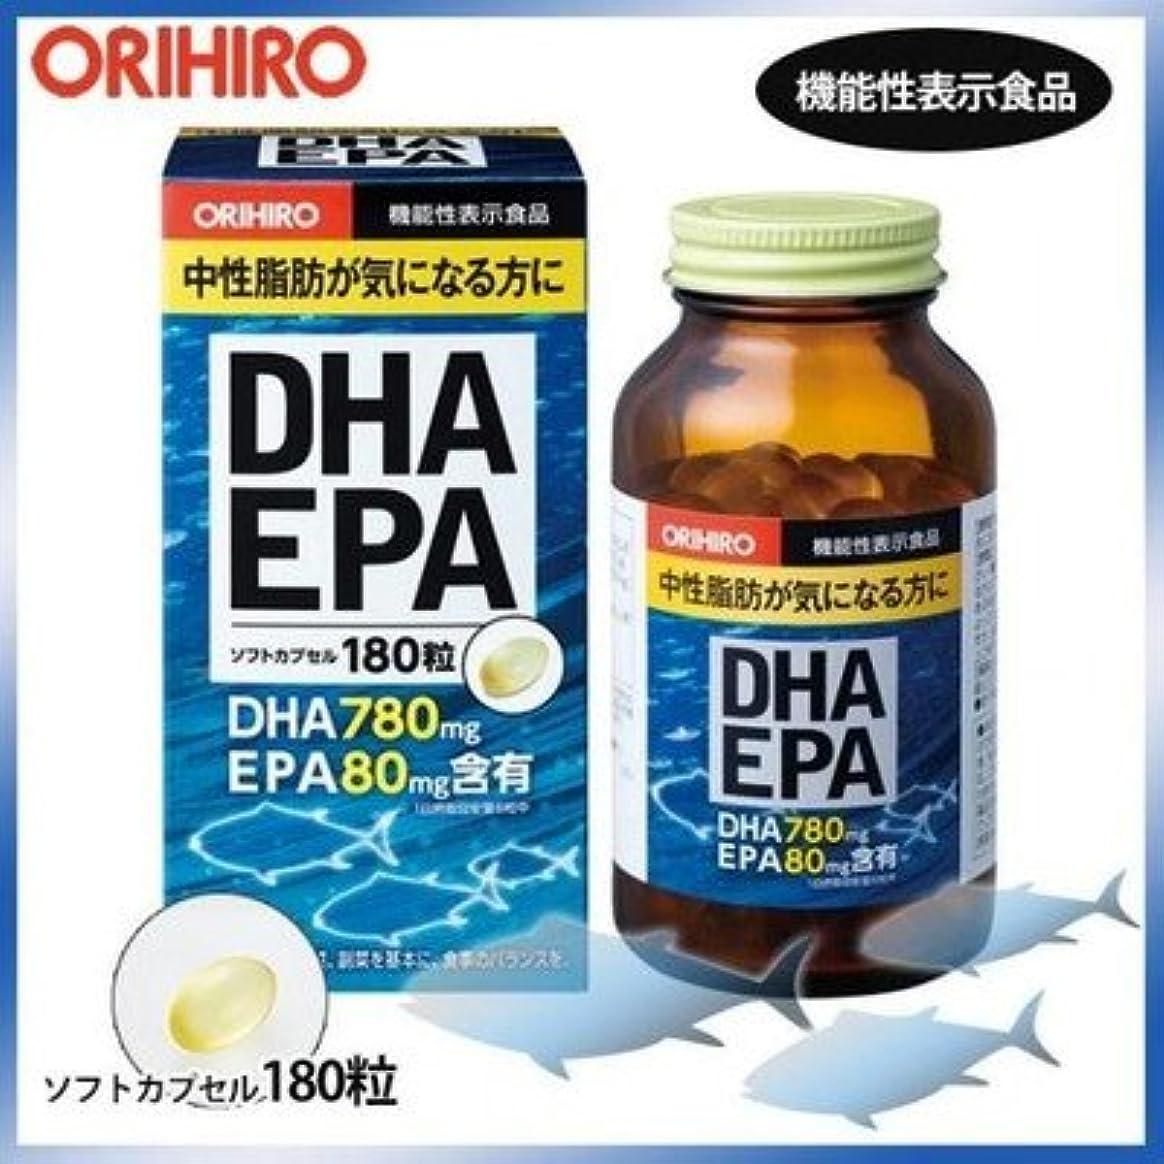 レッスンお願いします経歴オリヒロ 機能性表示食品 DHA&EPA ソフトカプセル 180粒(1粒511mg/内容液357mg) 60208210